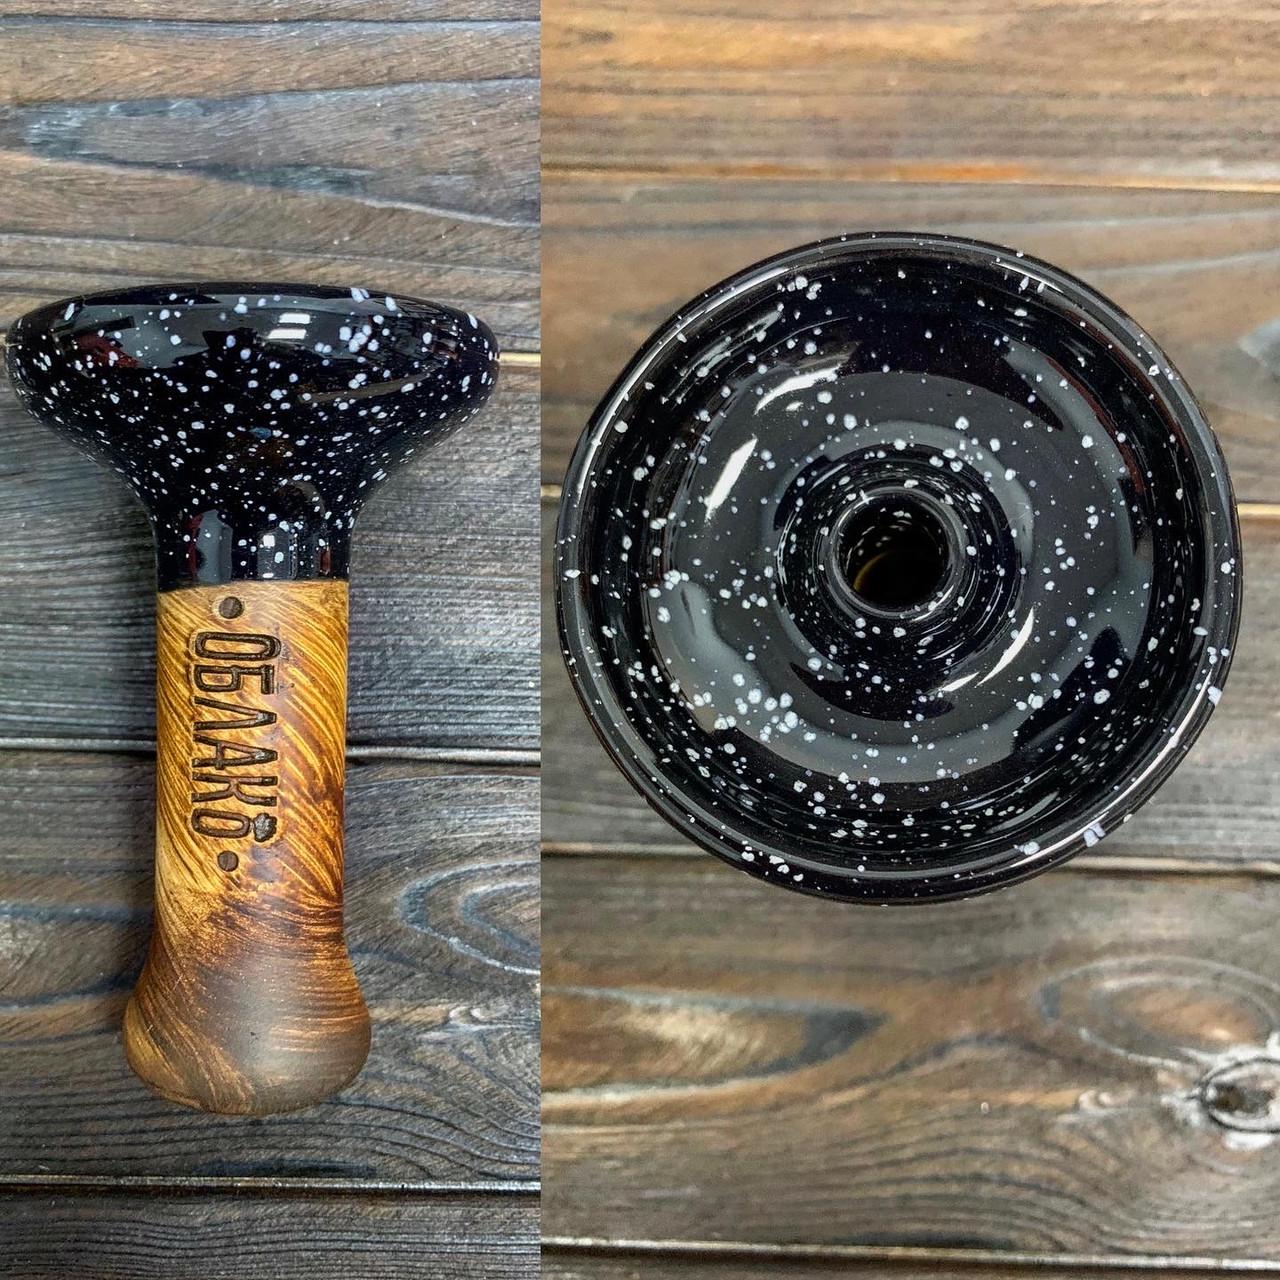 Чаша для кальяна Облако (Oblako) - phunnel m Черный космос